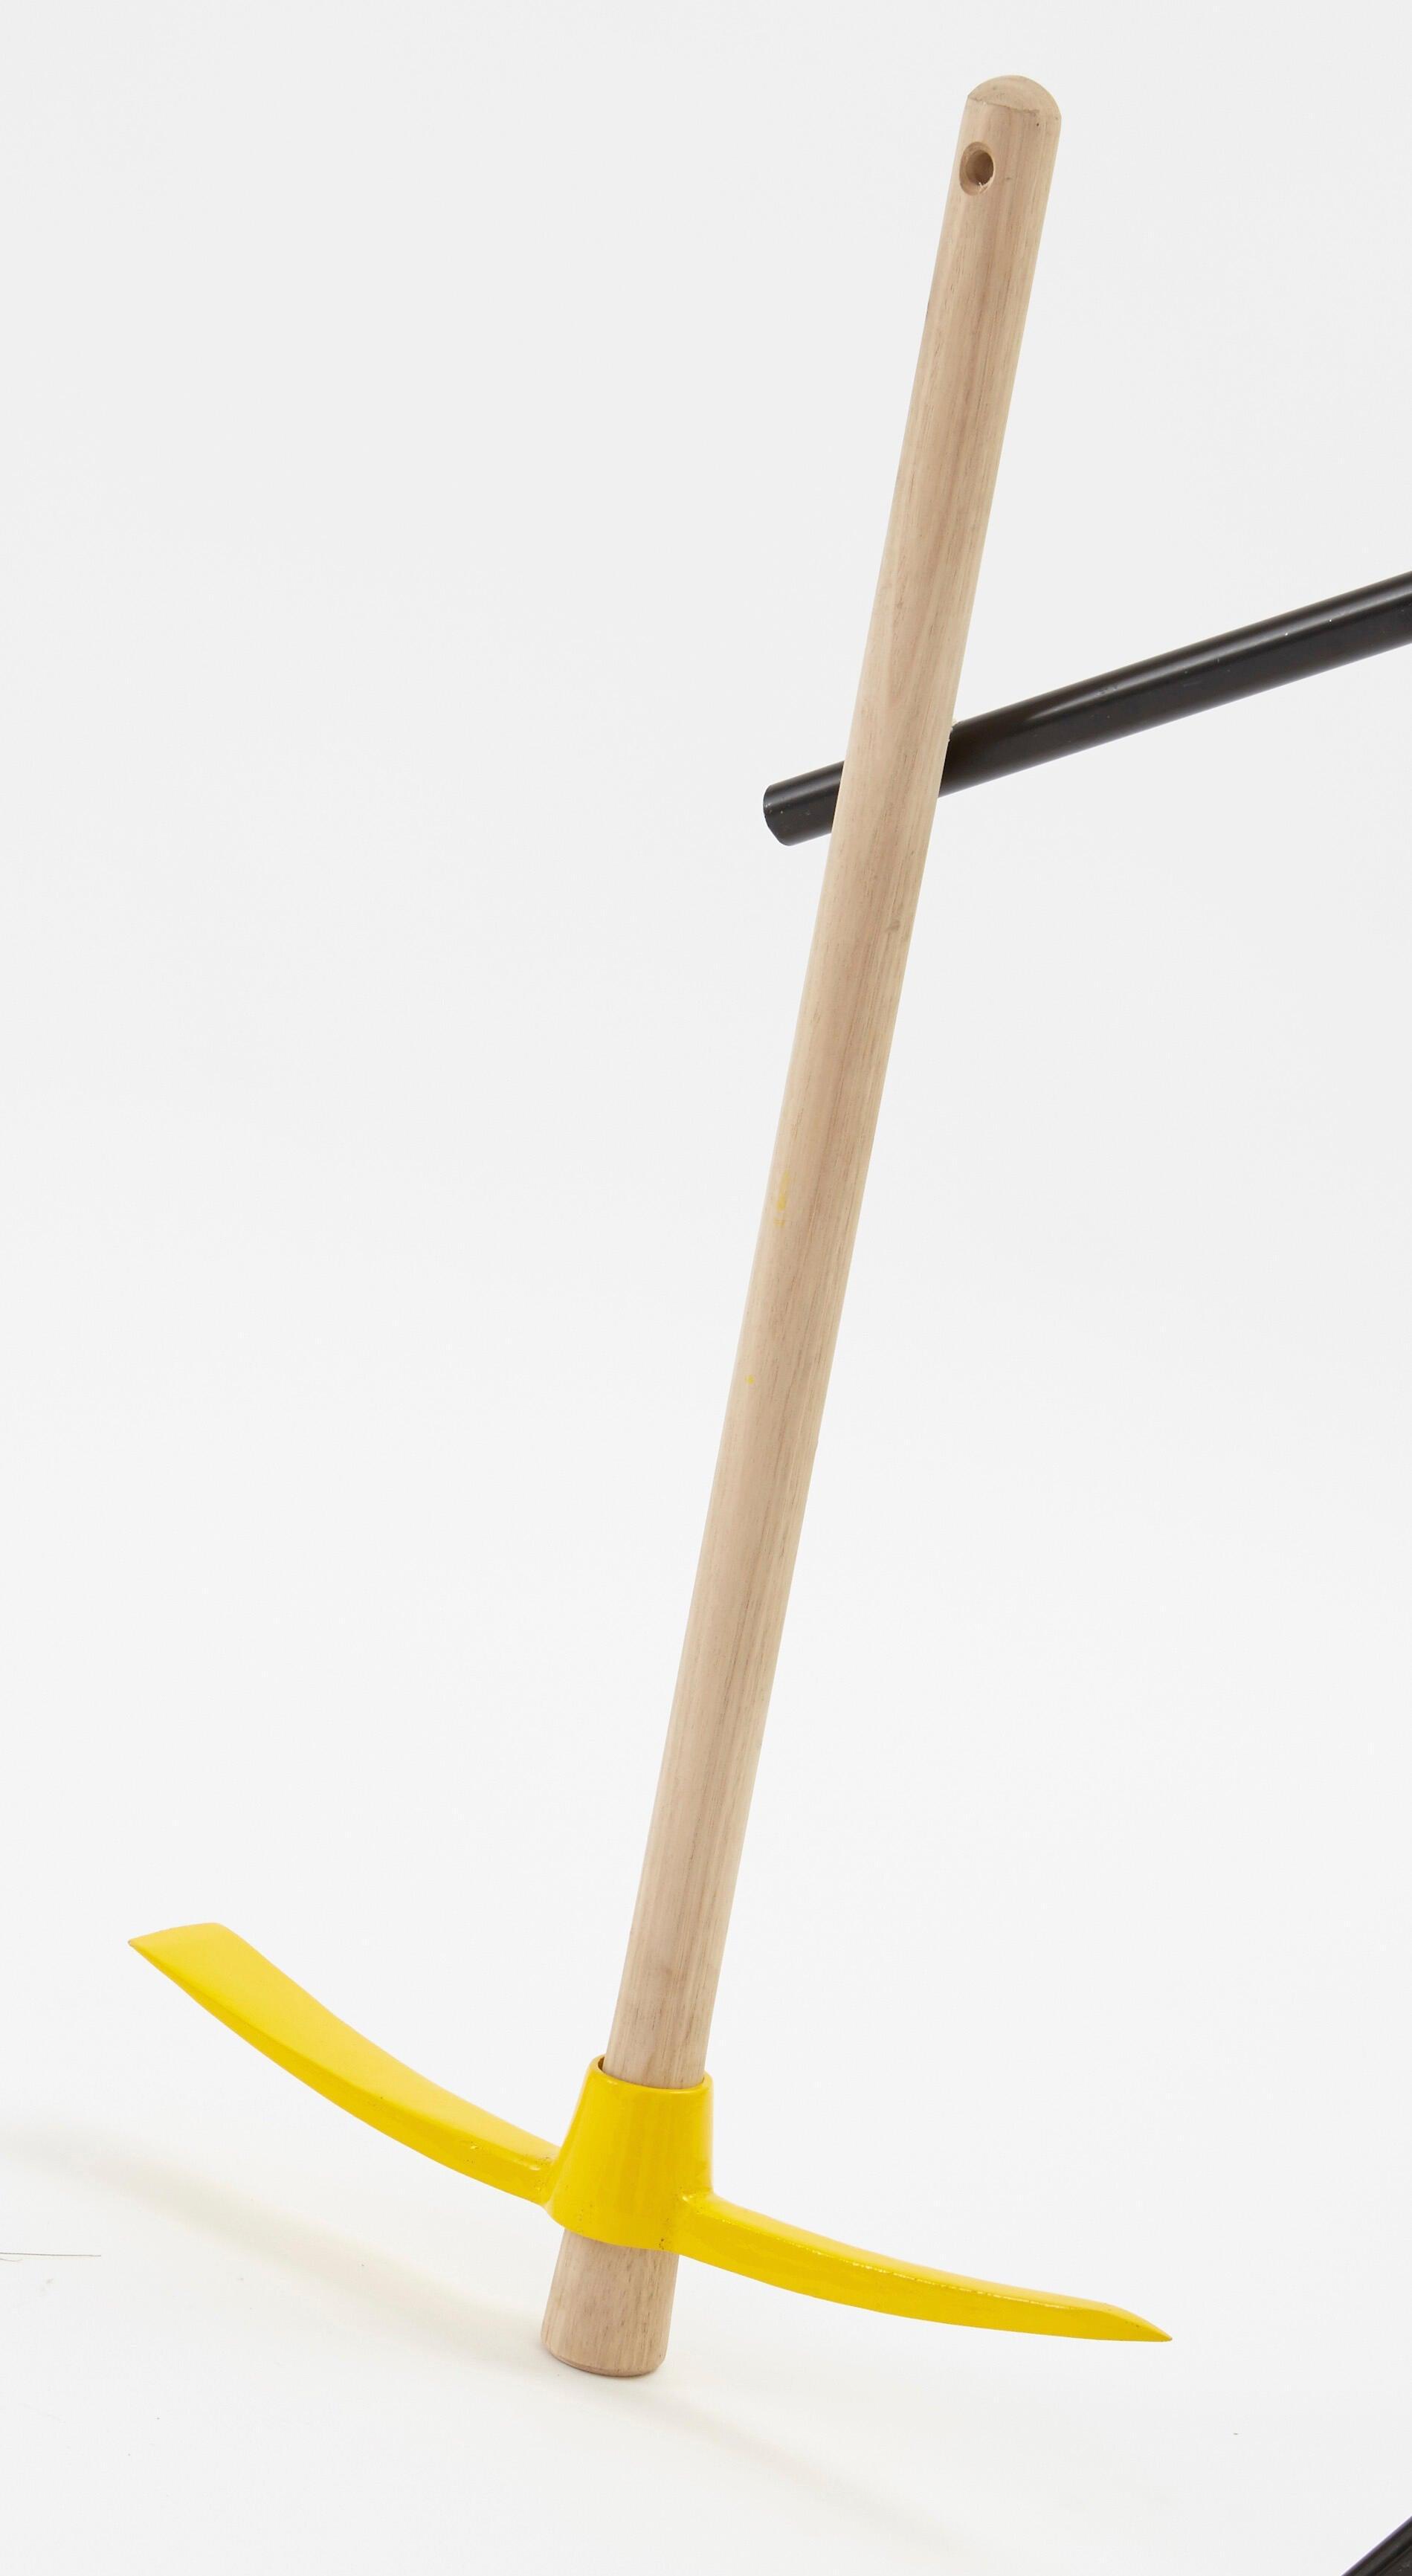 Piccone GEOLIA manico in legno 2.19 kg - 2